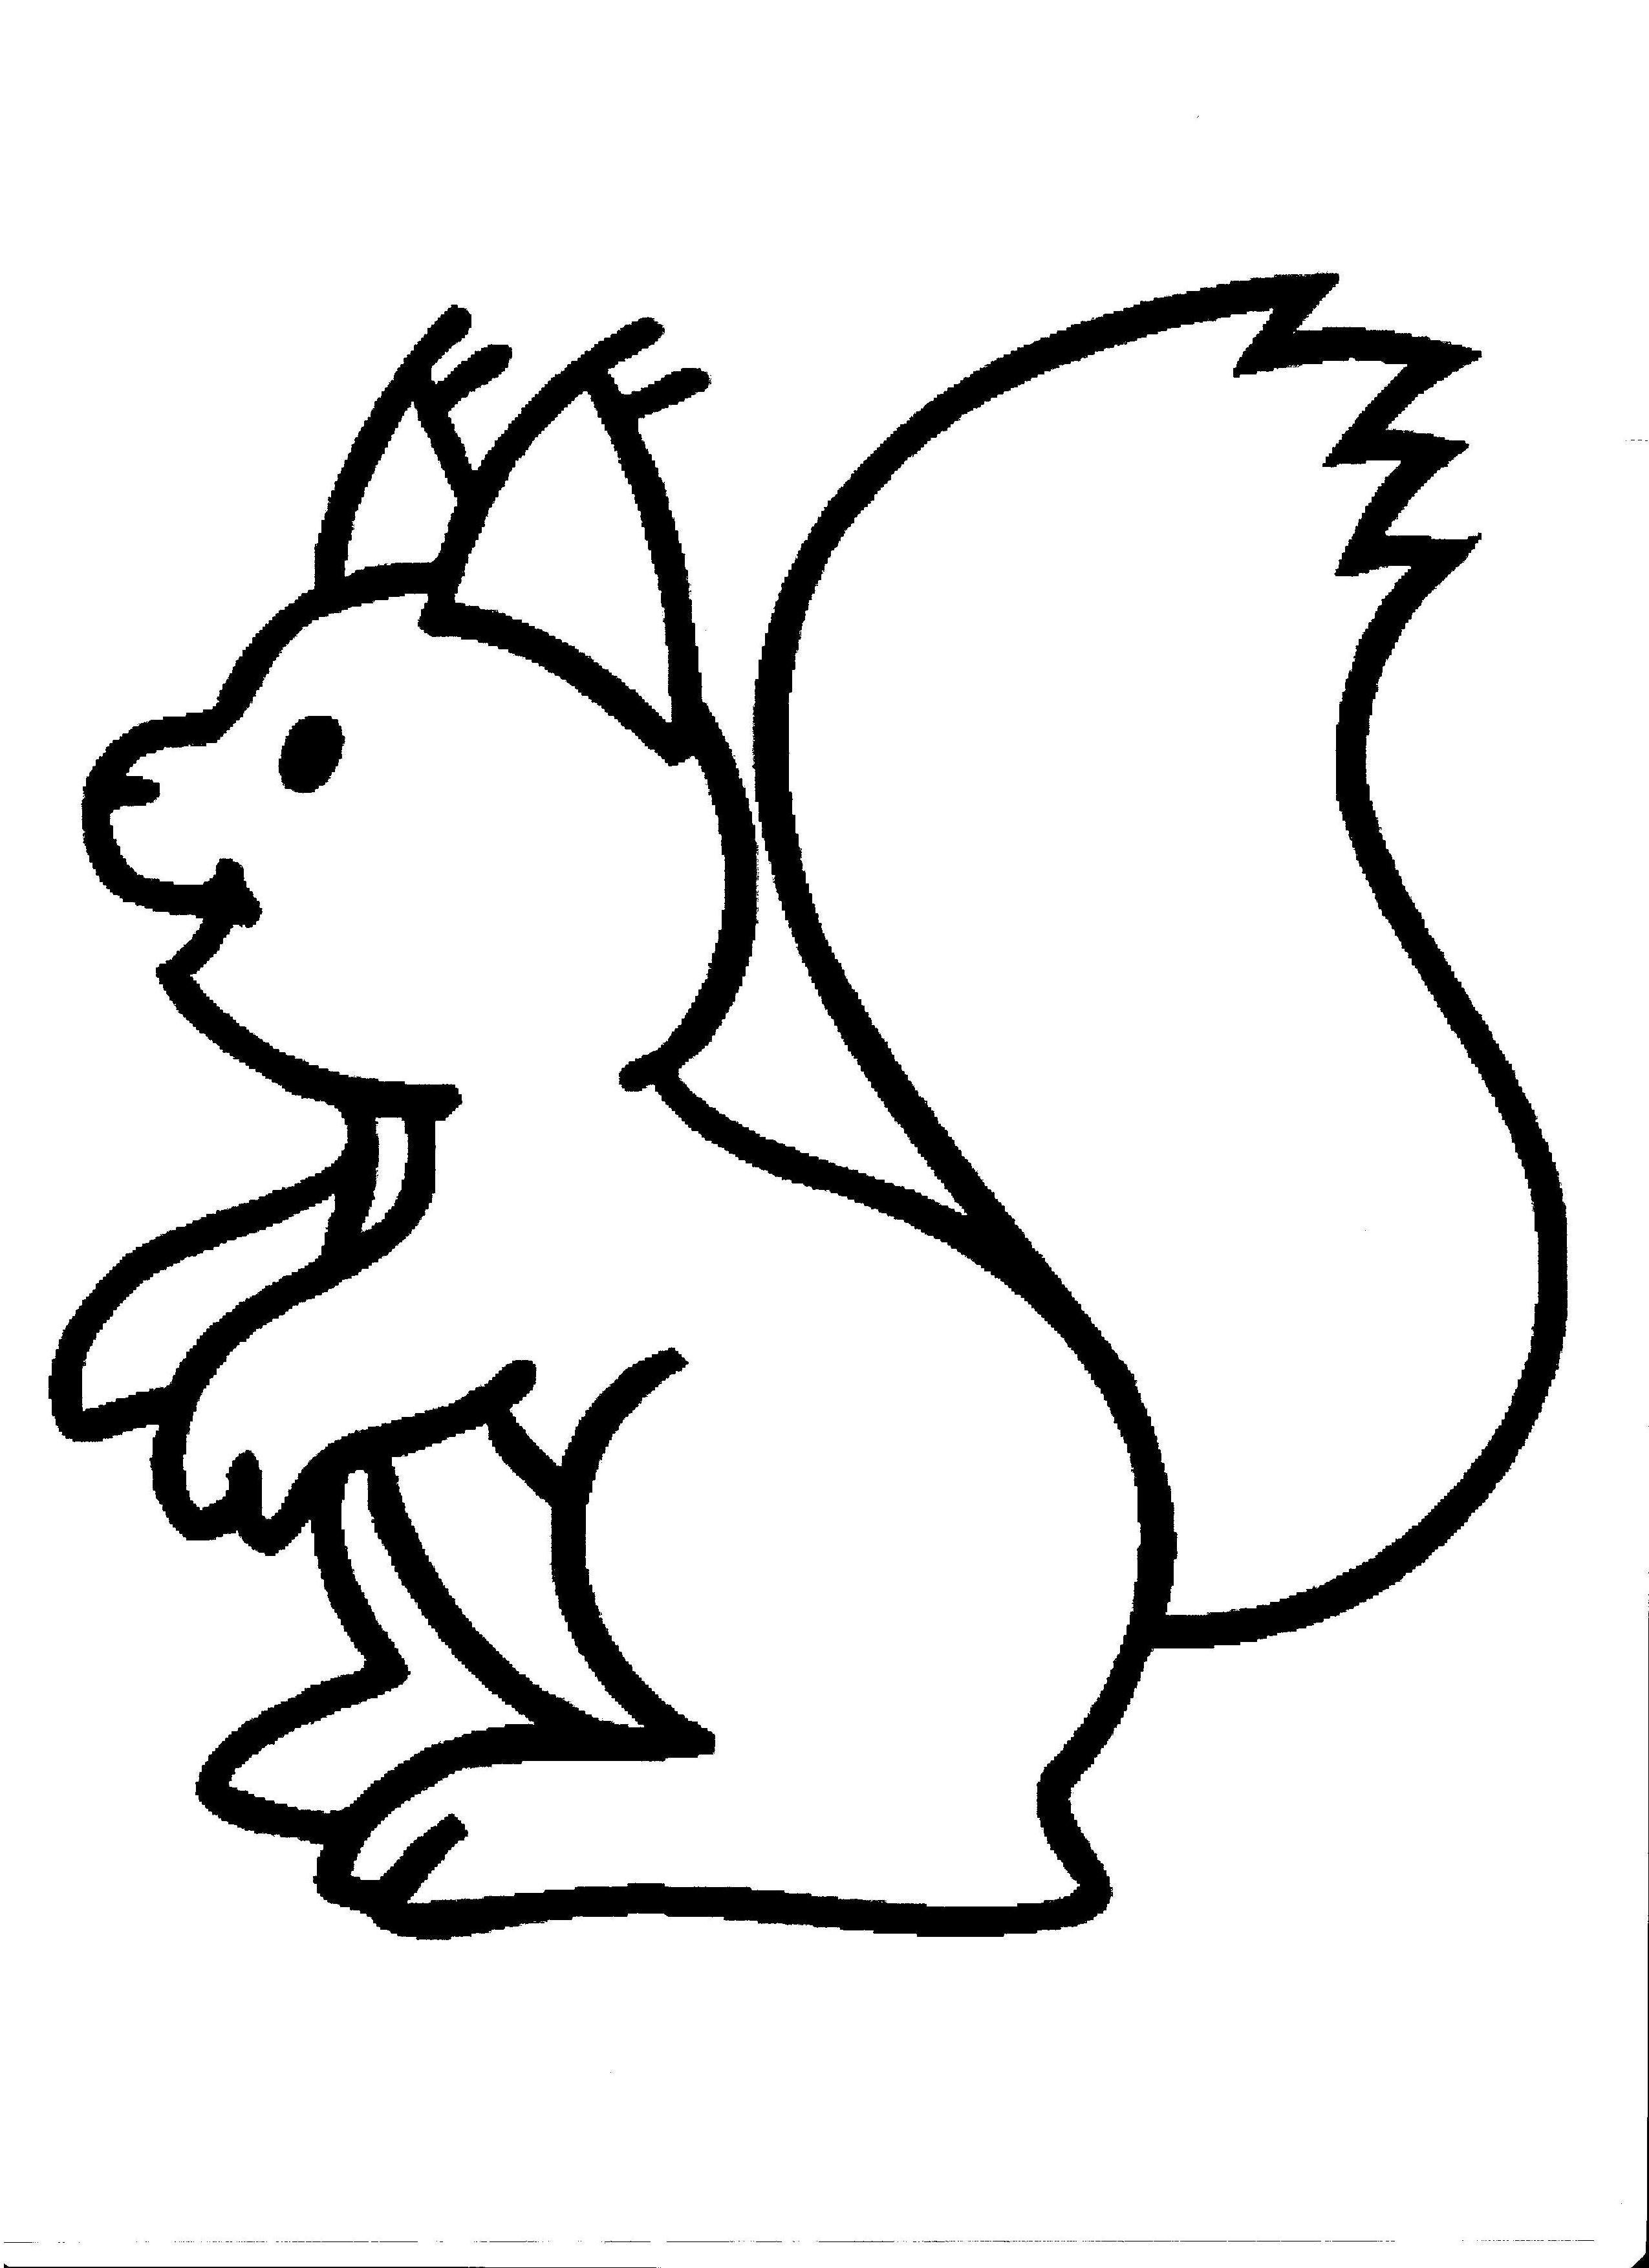 Pin Von Nanci Auf Omalovanky Zvirata Ausmalbilder Tiere Ausmalbilder Eichhornchen